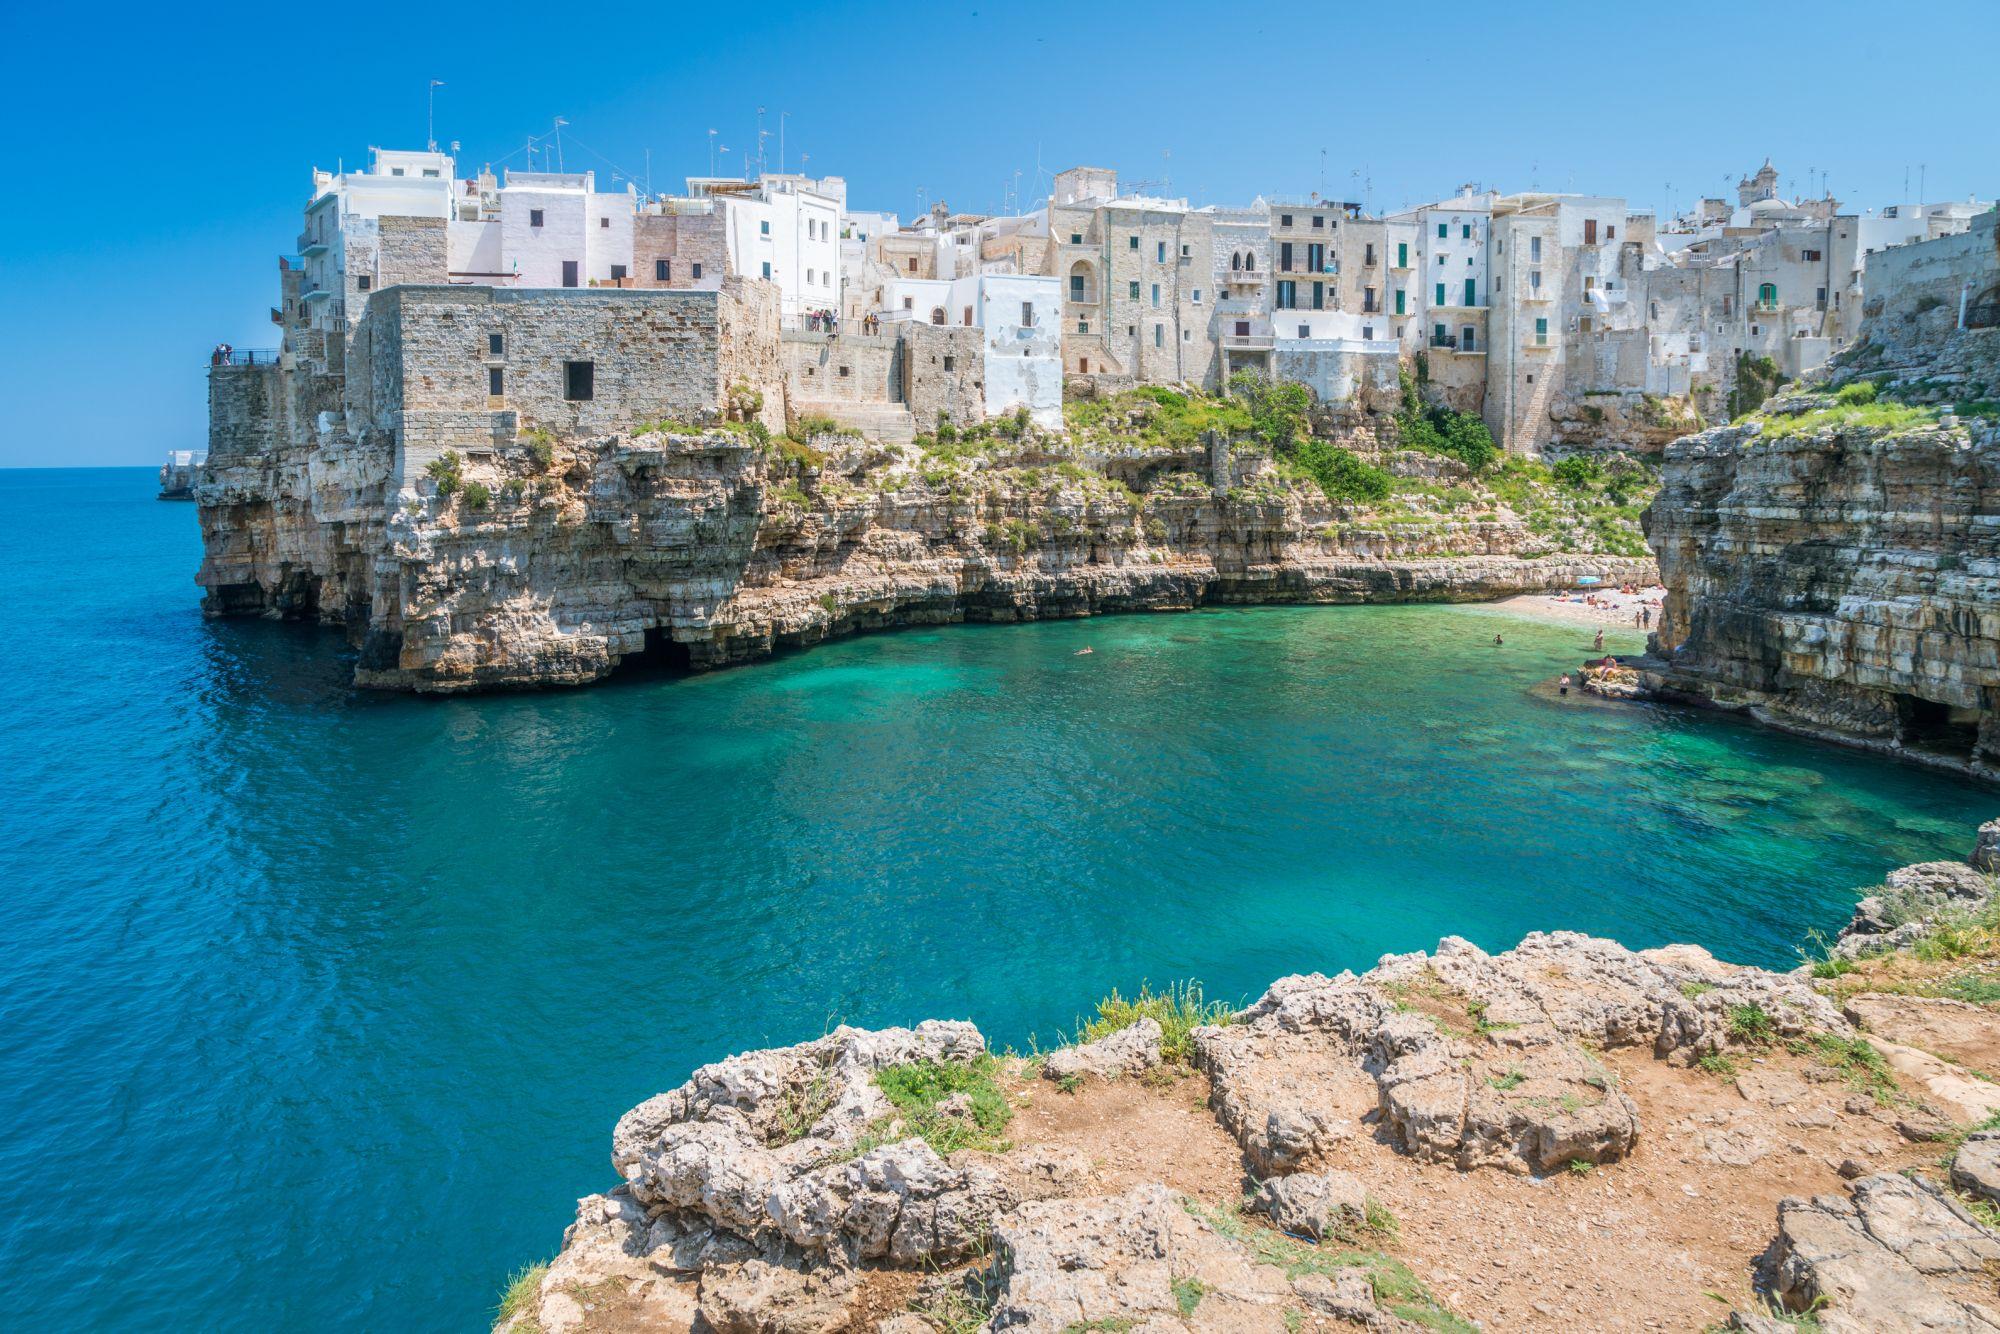 Apulia miasteczko nad morzem